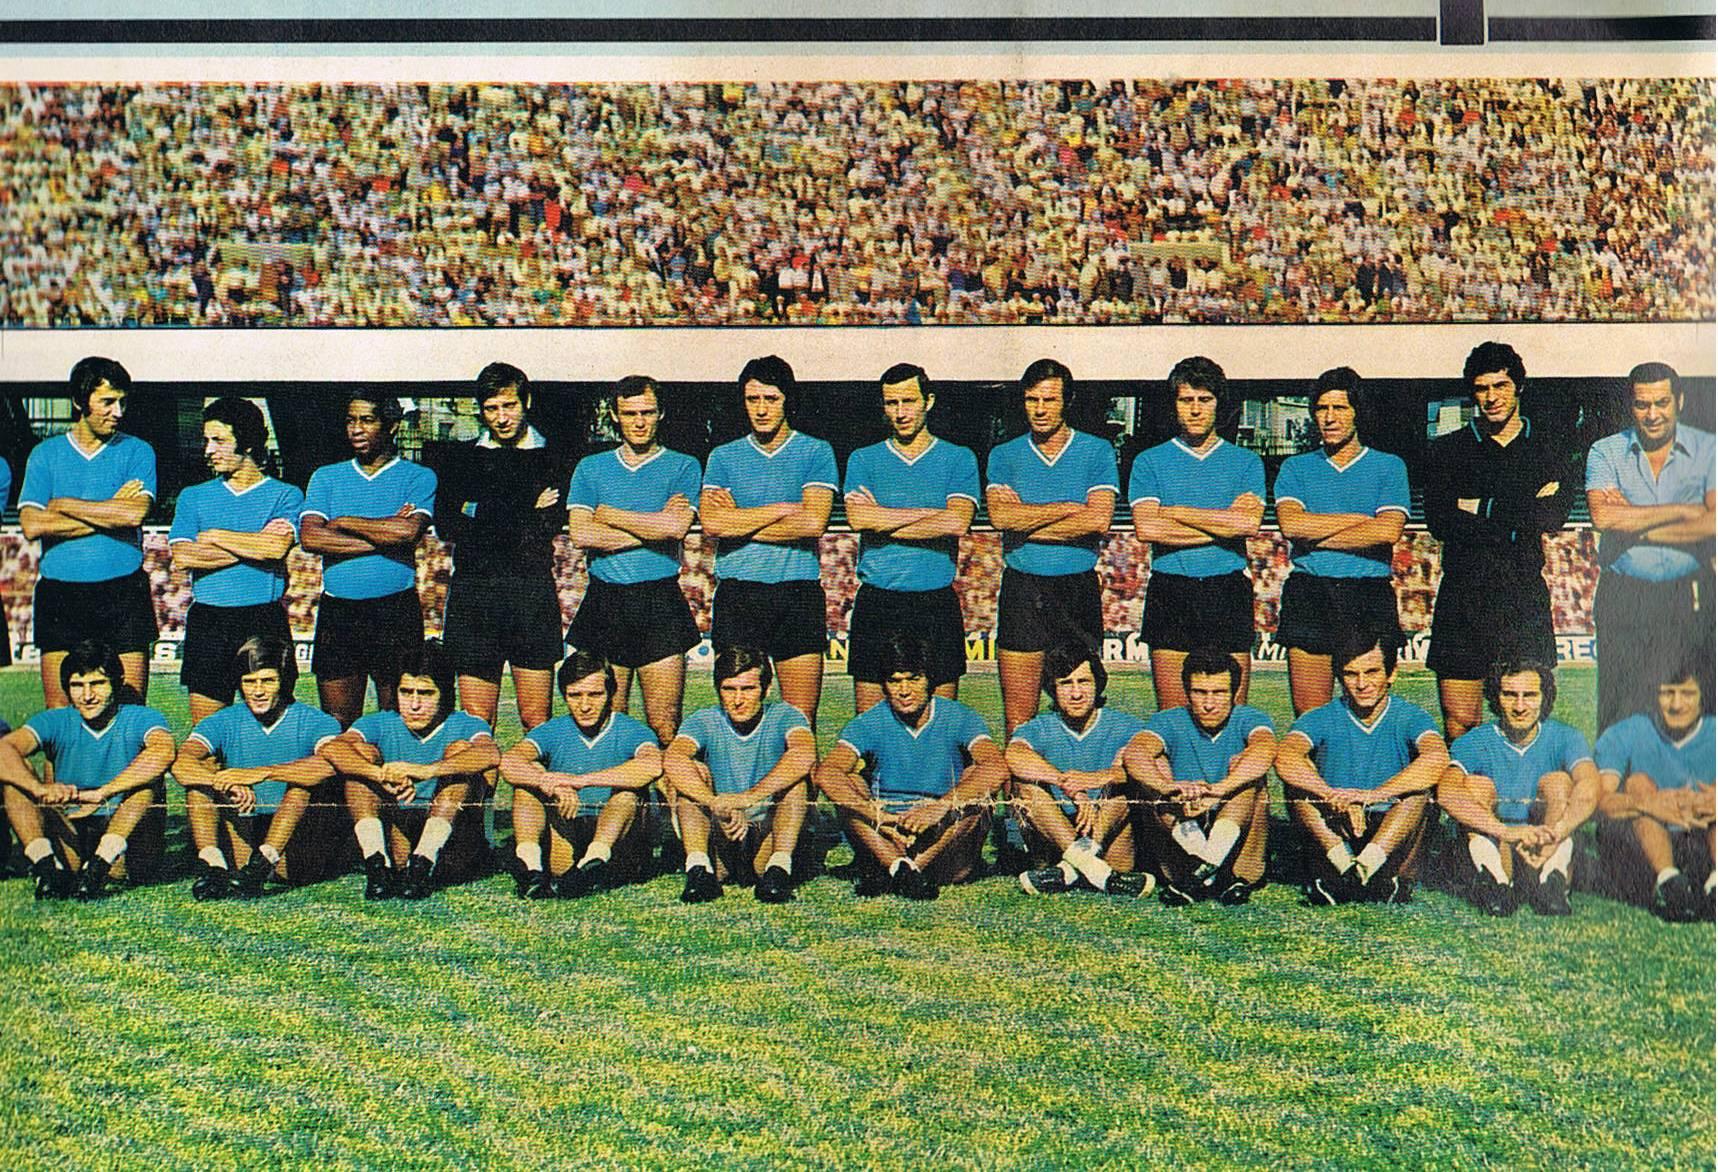 La storia del calciomercato del Napoli: 1972, Zoff alla Juve e la svolta dei giovani